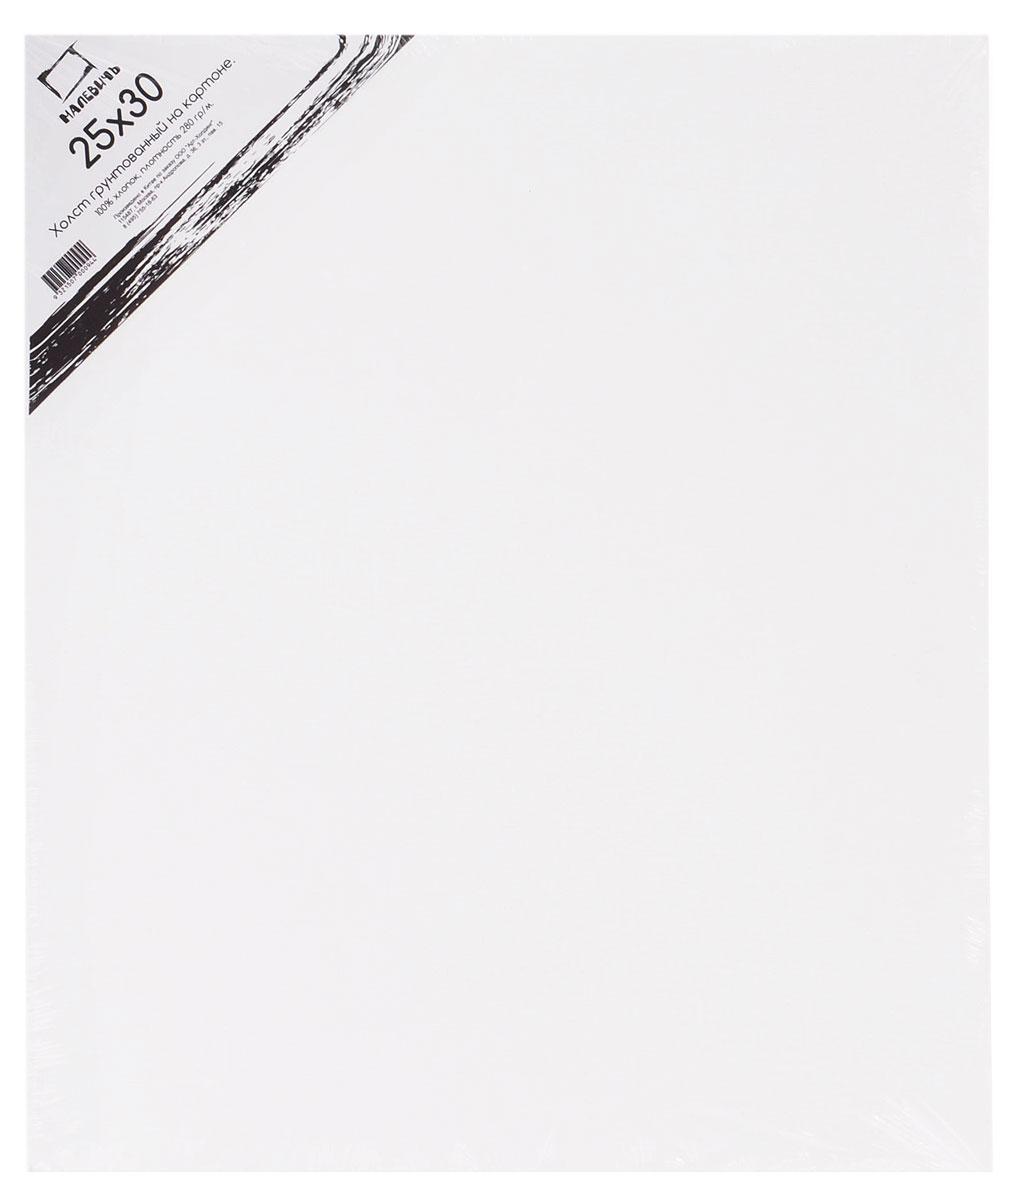 Малевичъ Холст на картоне 25 см x 30 см